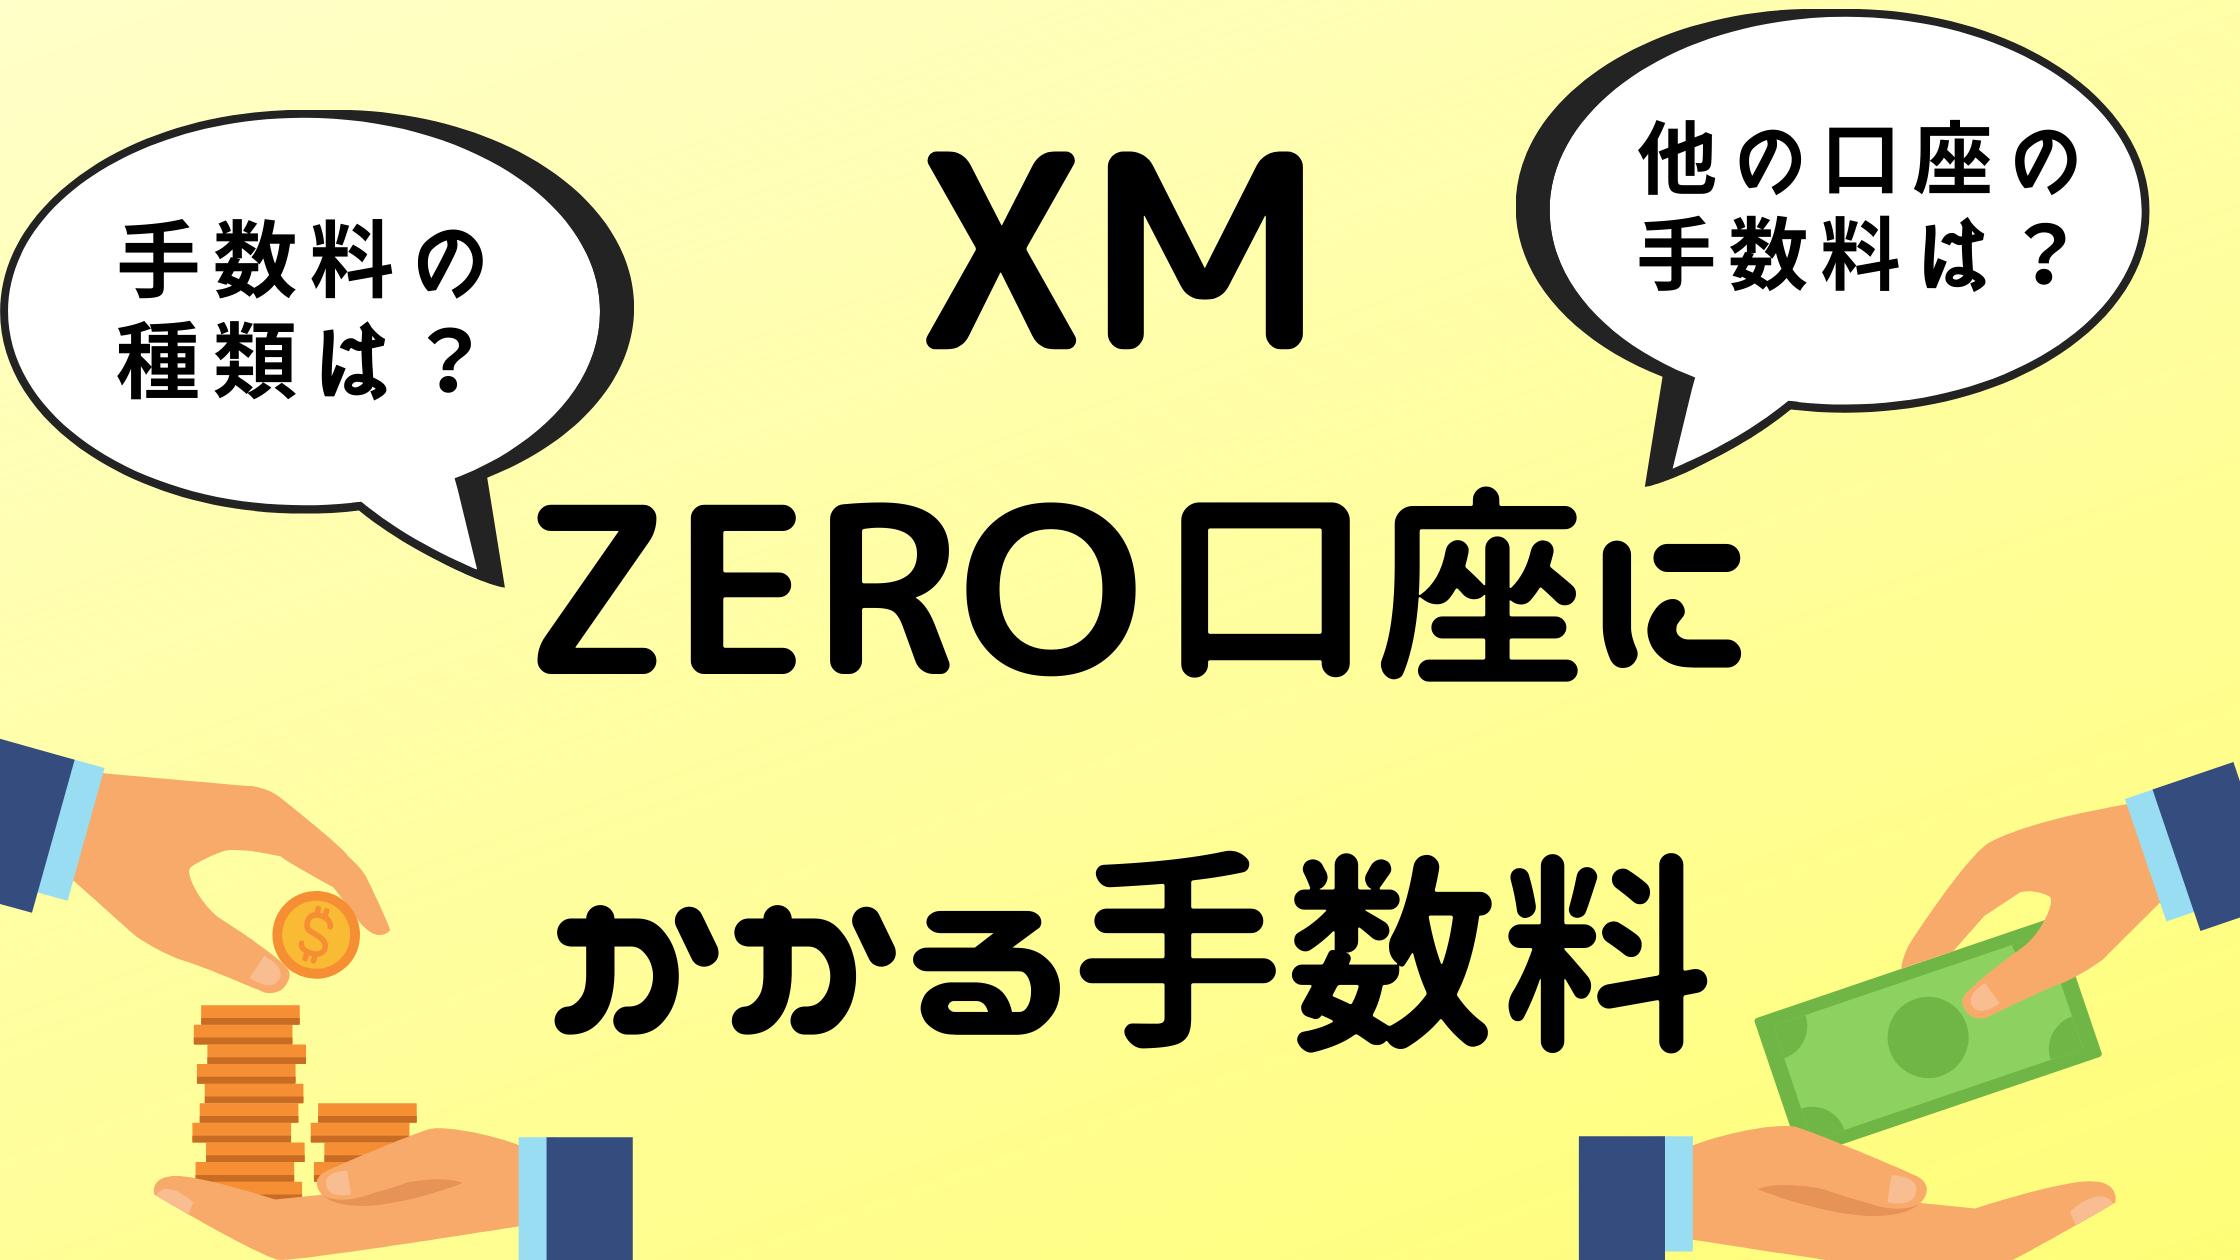 XMのスプレッドは広い?【2021年9月のXMスプレッド一覧表】